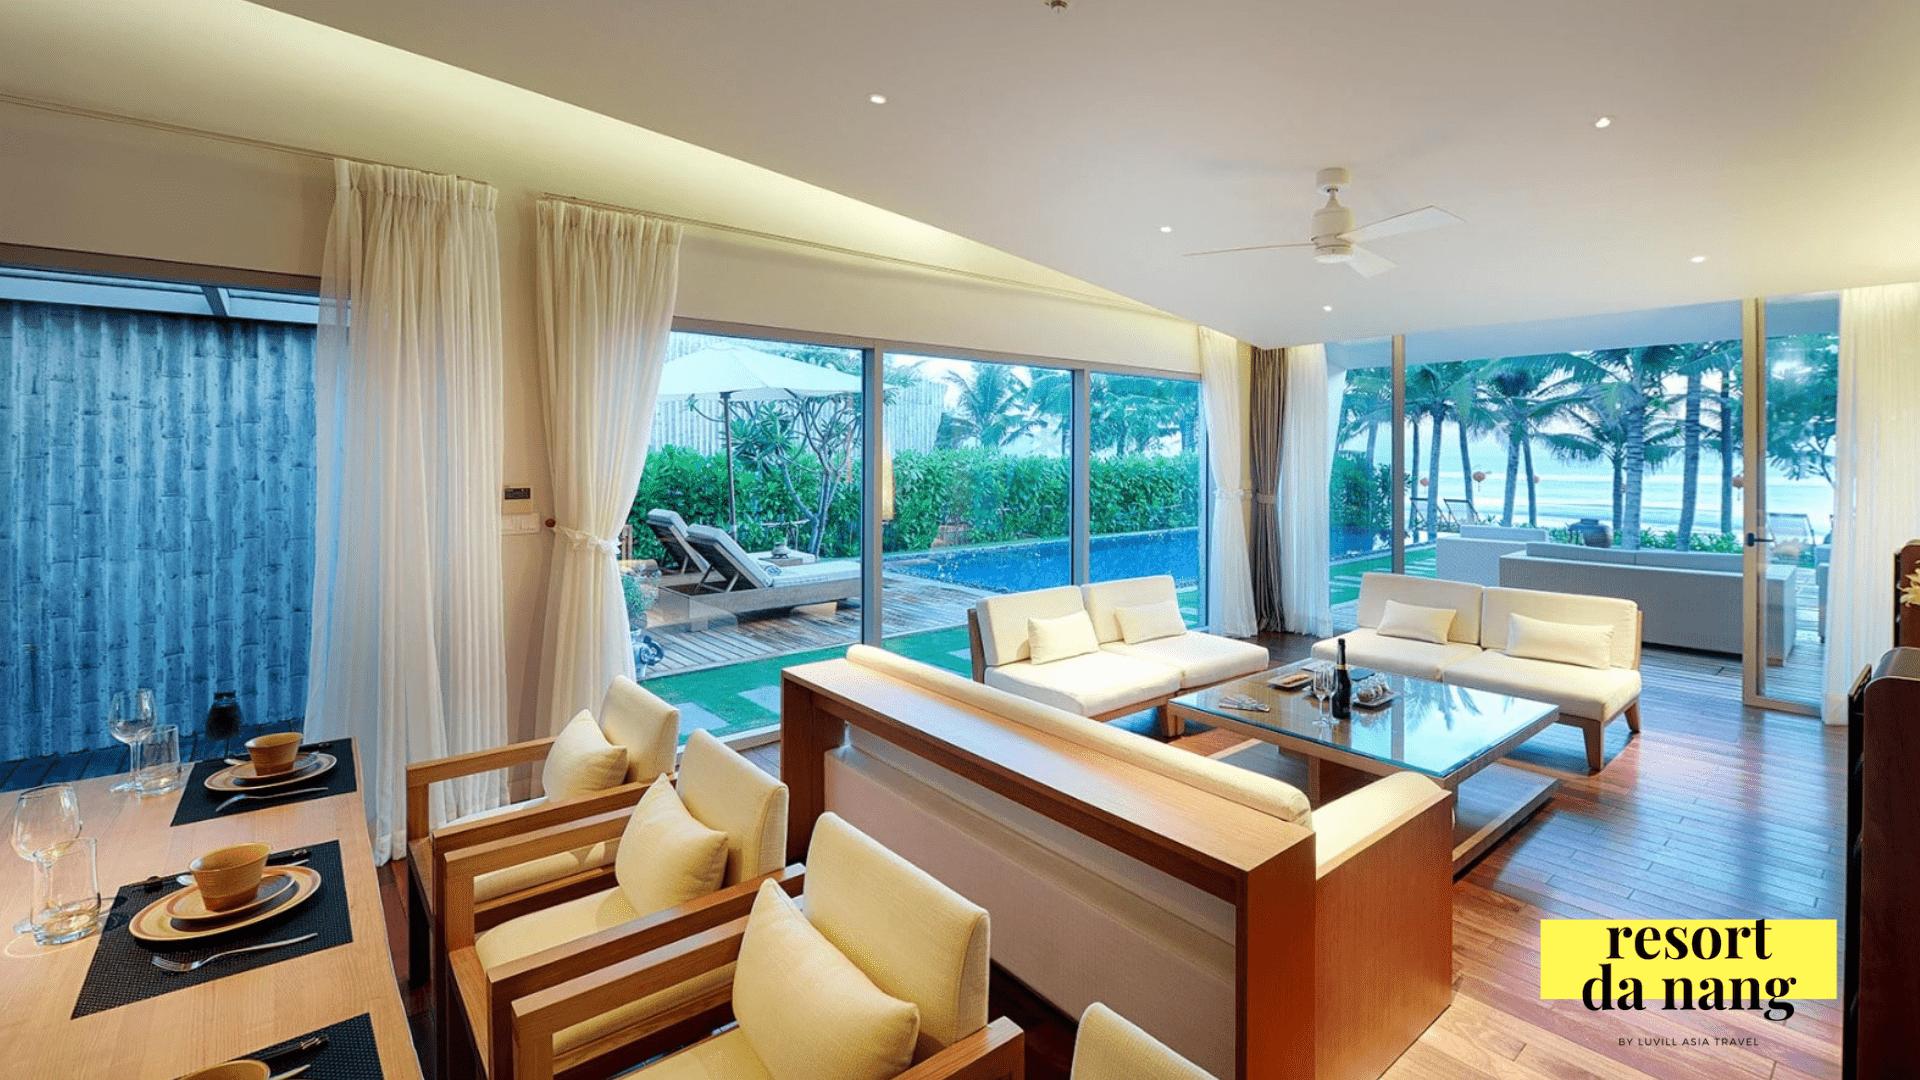 Phong cách sang trọng bên trong các căn biệt thự resort Naman Retreat Đà Nẵng